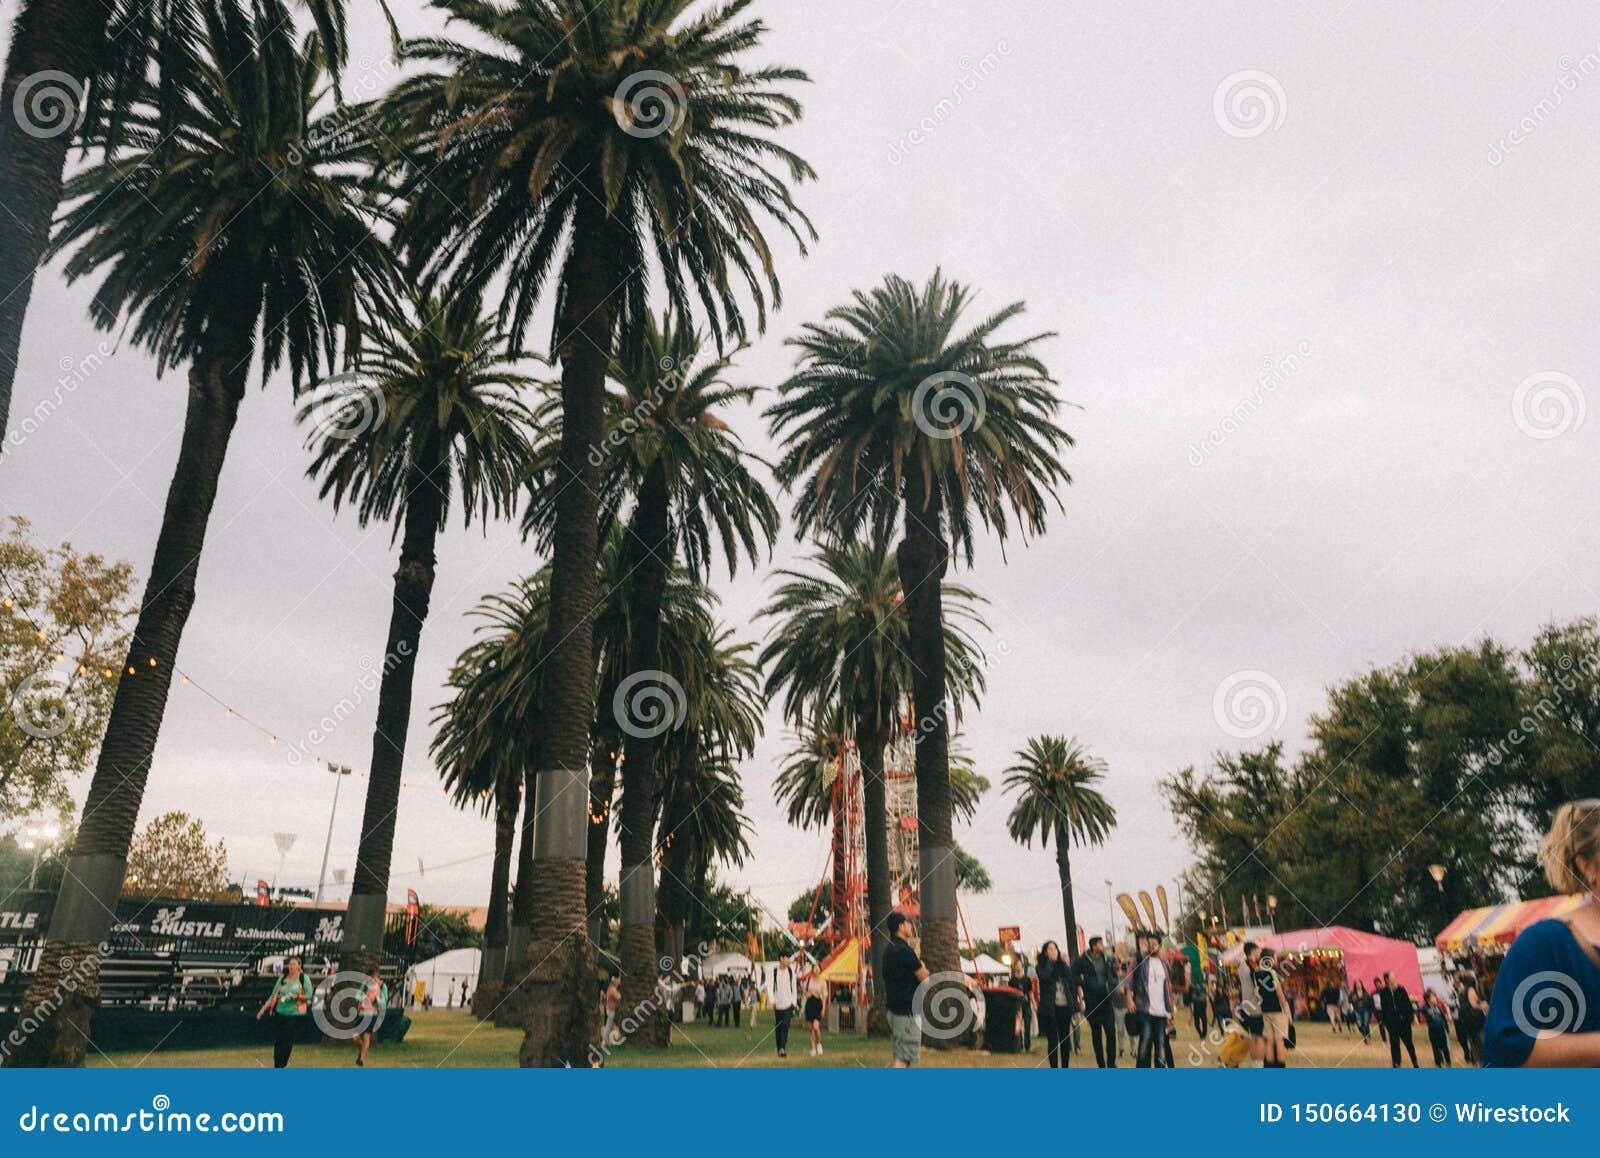 Wysocy drzewka palmowe w parku